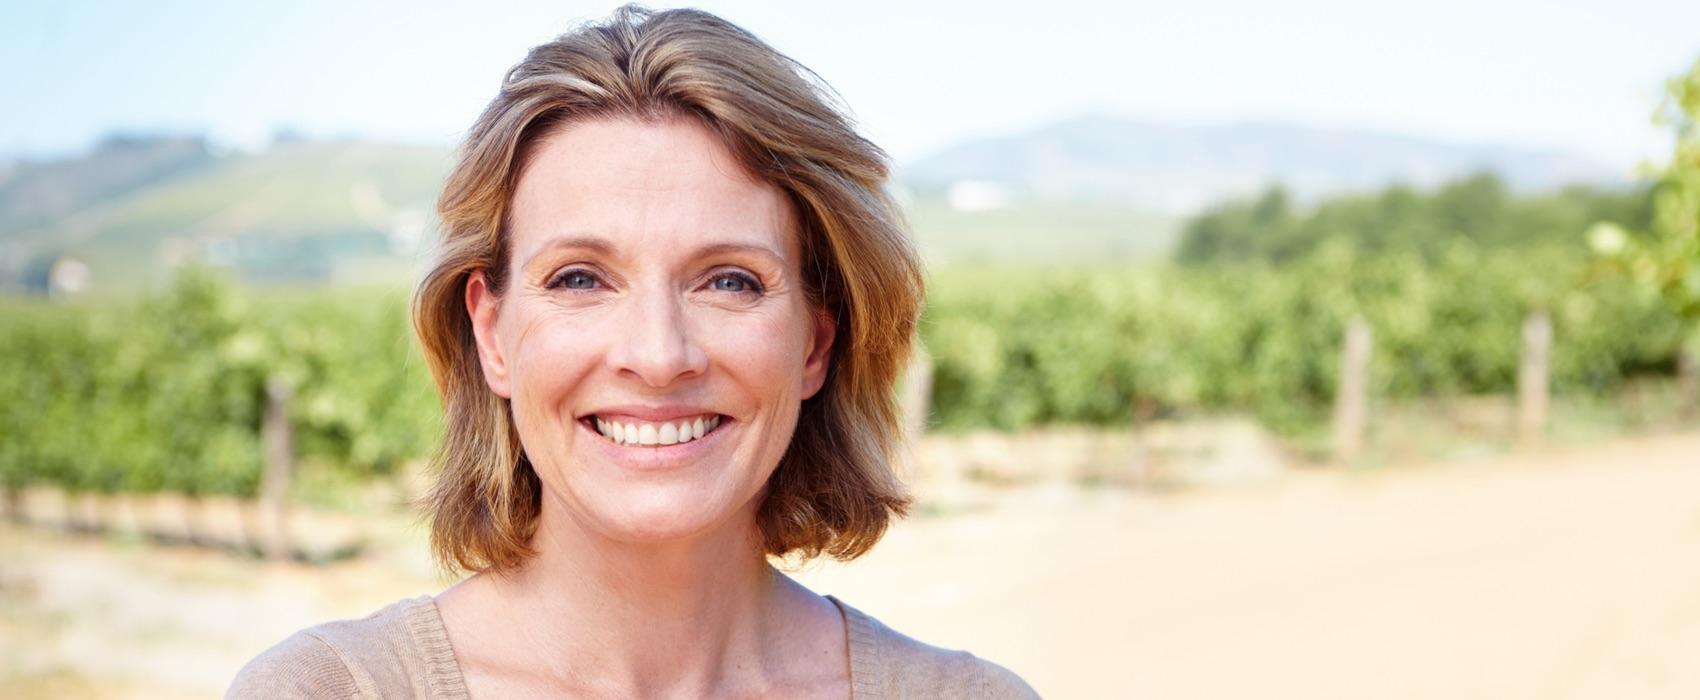 Frau mittleren Alters an einem Weinberg blickt lächelnd in die Kamera.